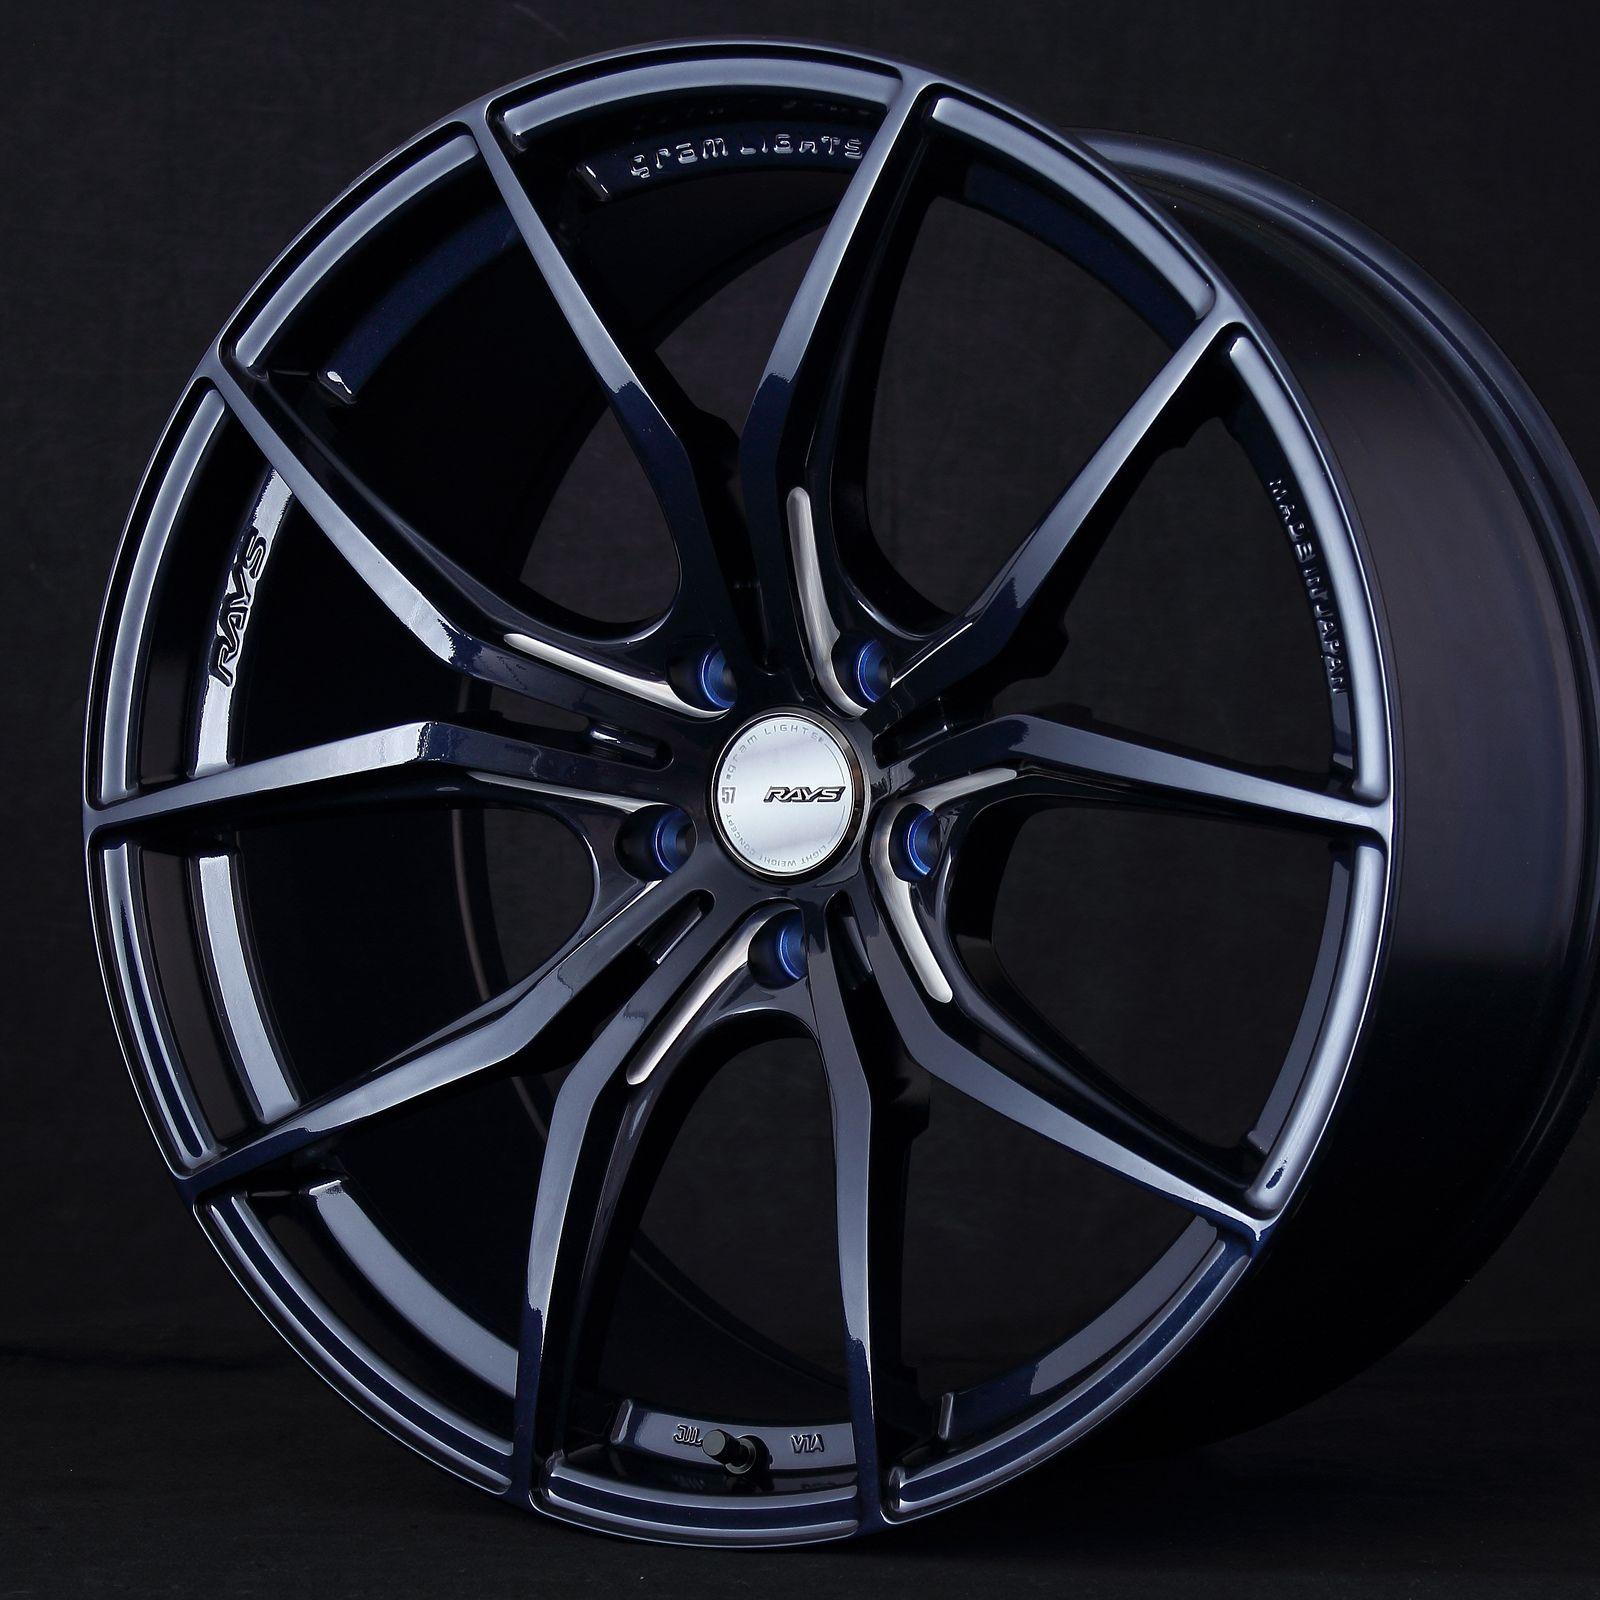 RAYS Gram Lights 57FXX Wheel rims, Rims for cars, Car wheels